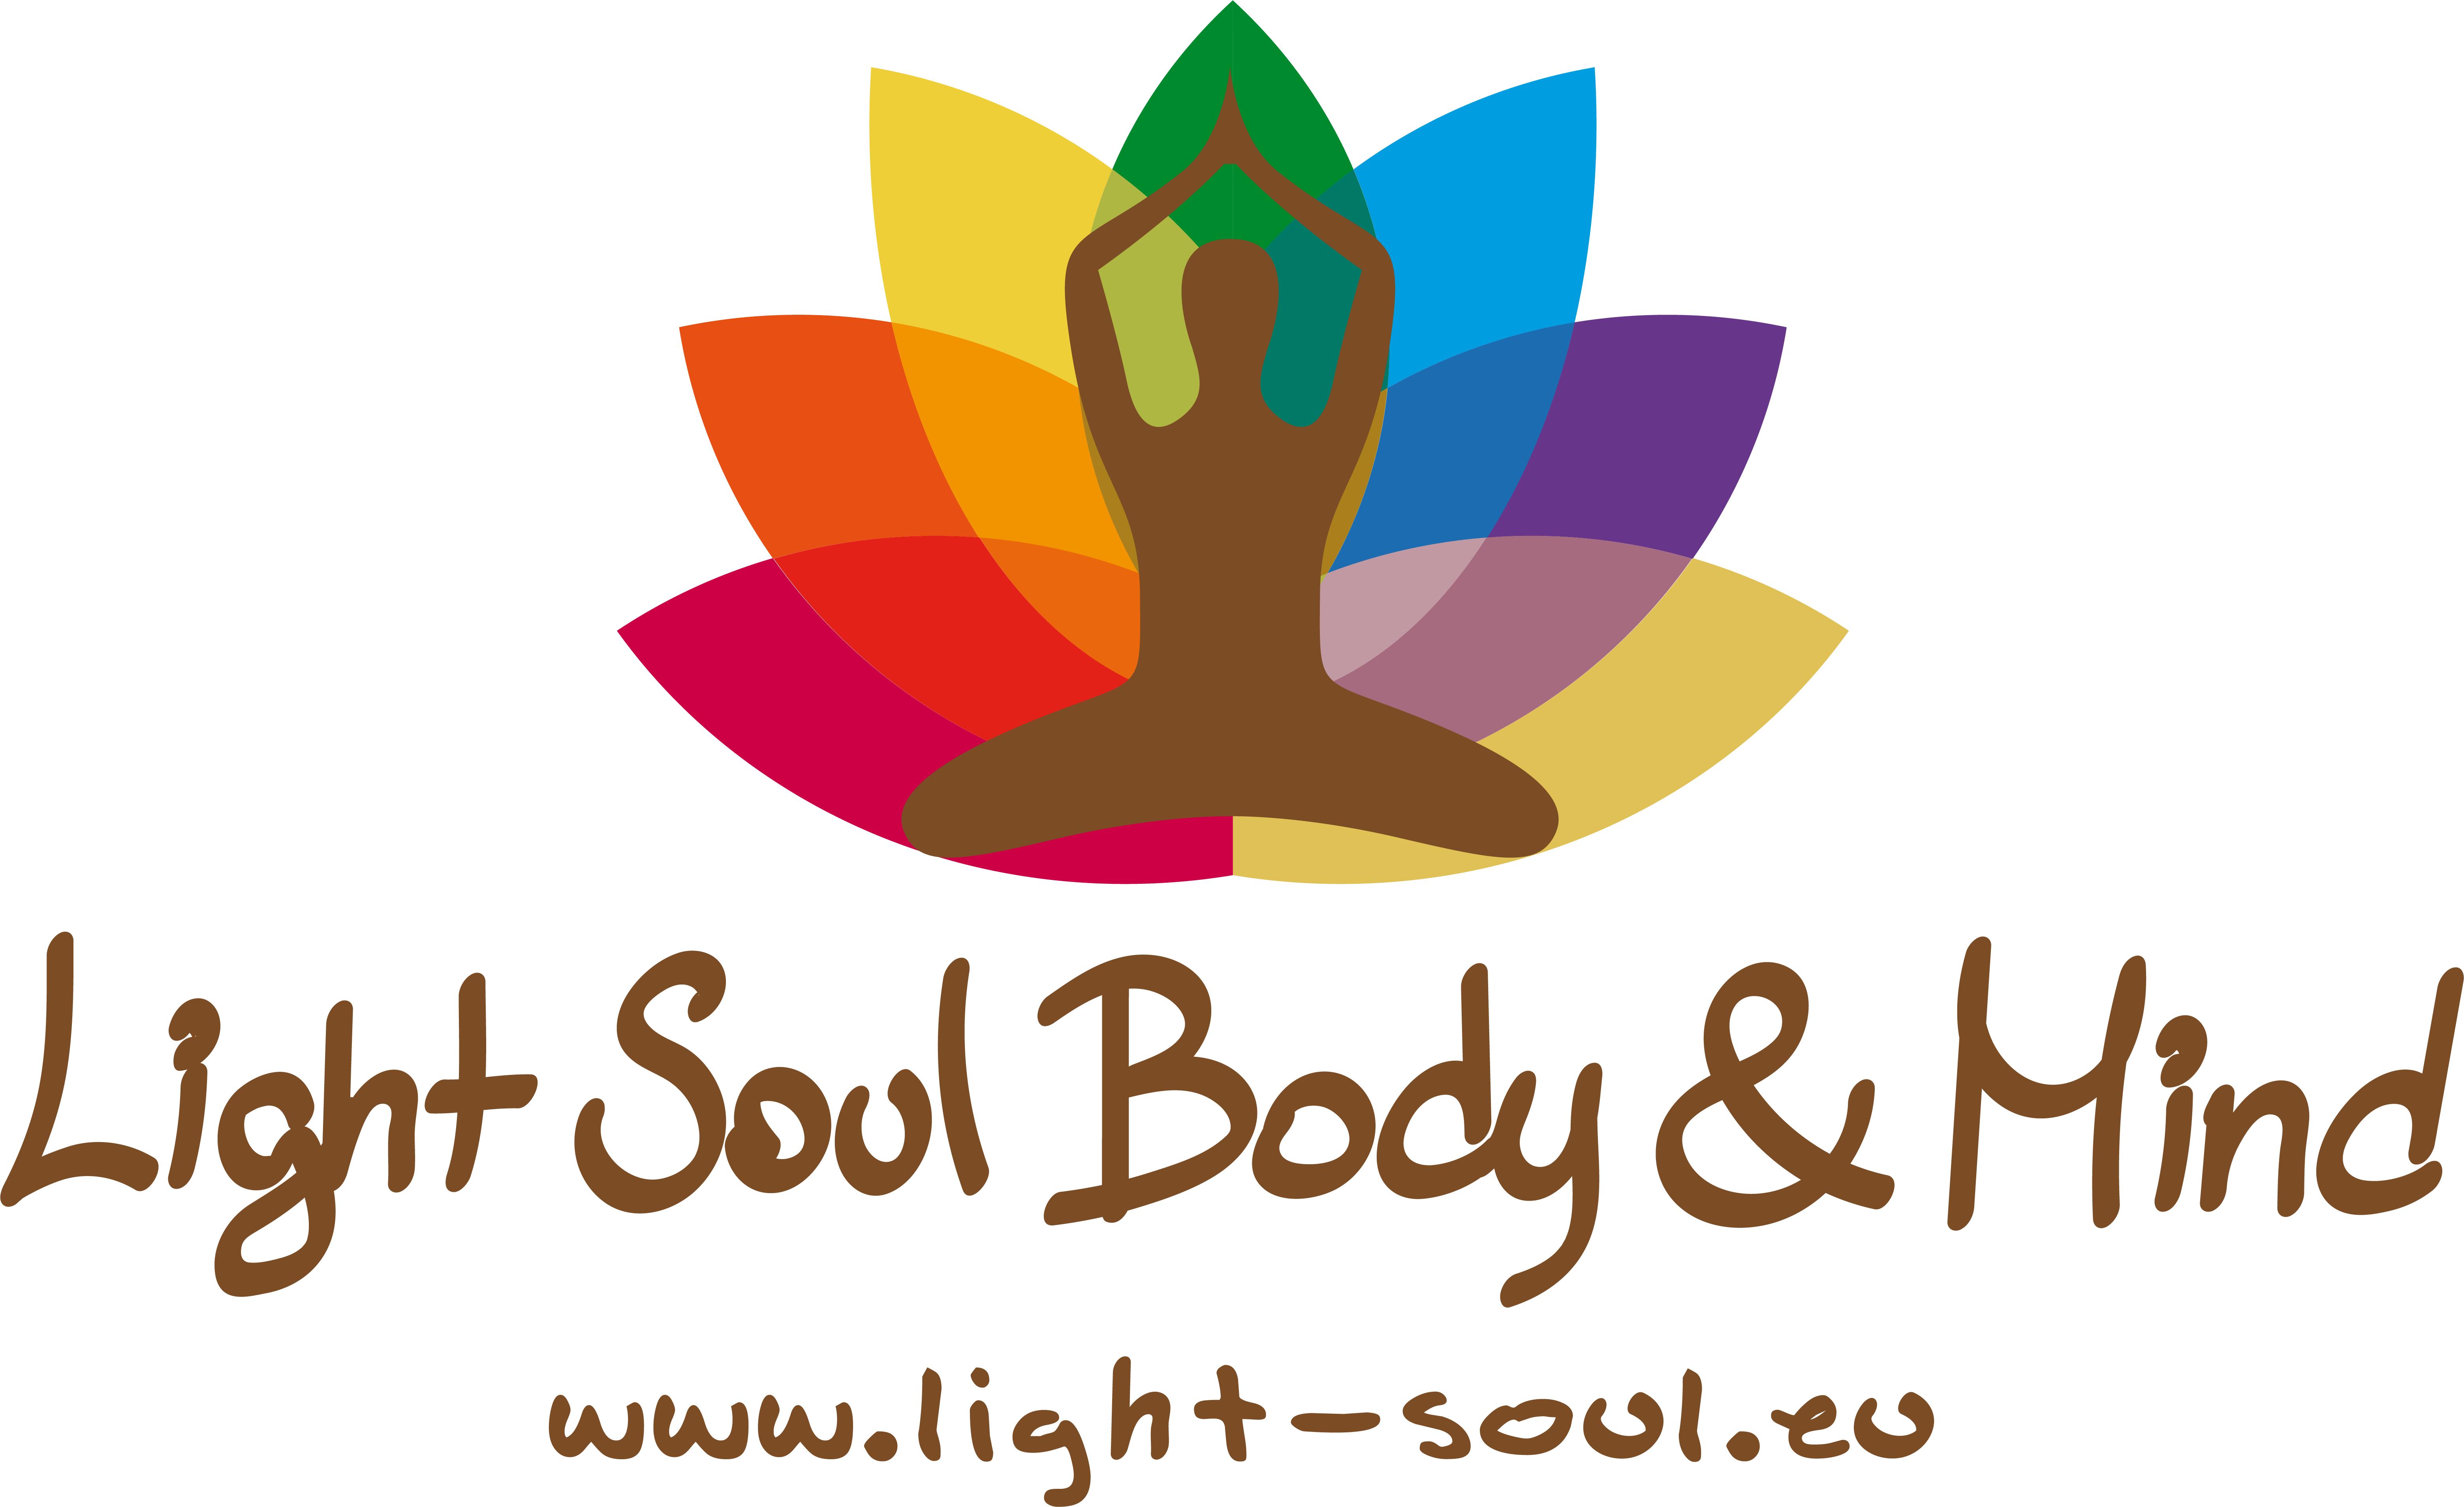 light-soul.eu